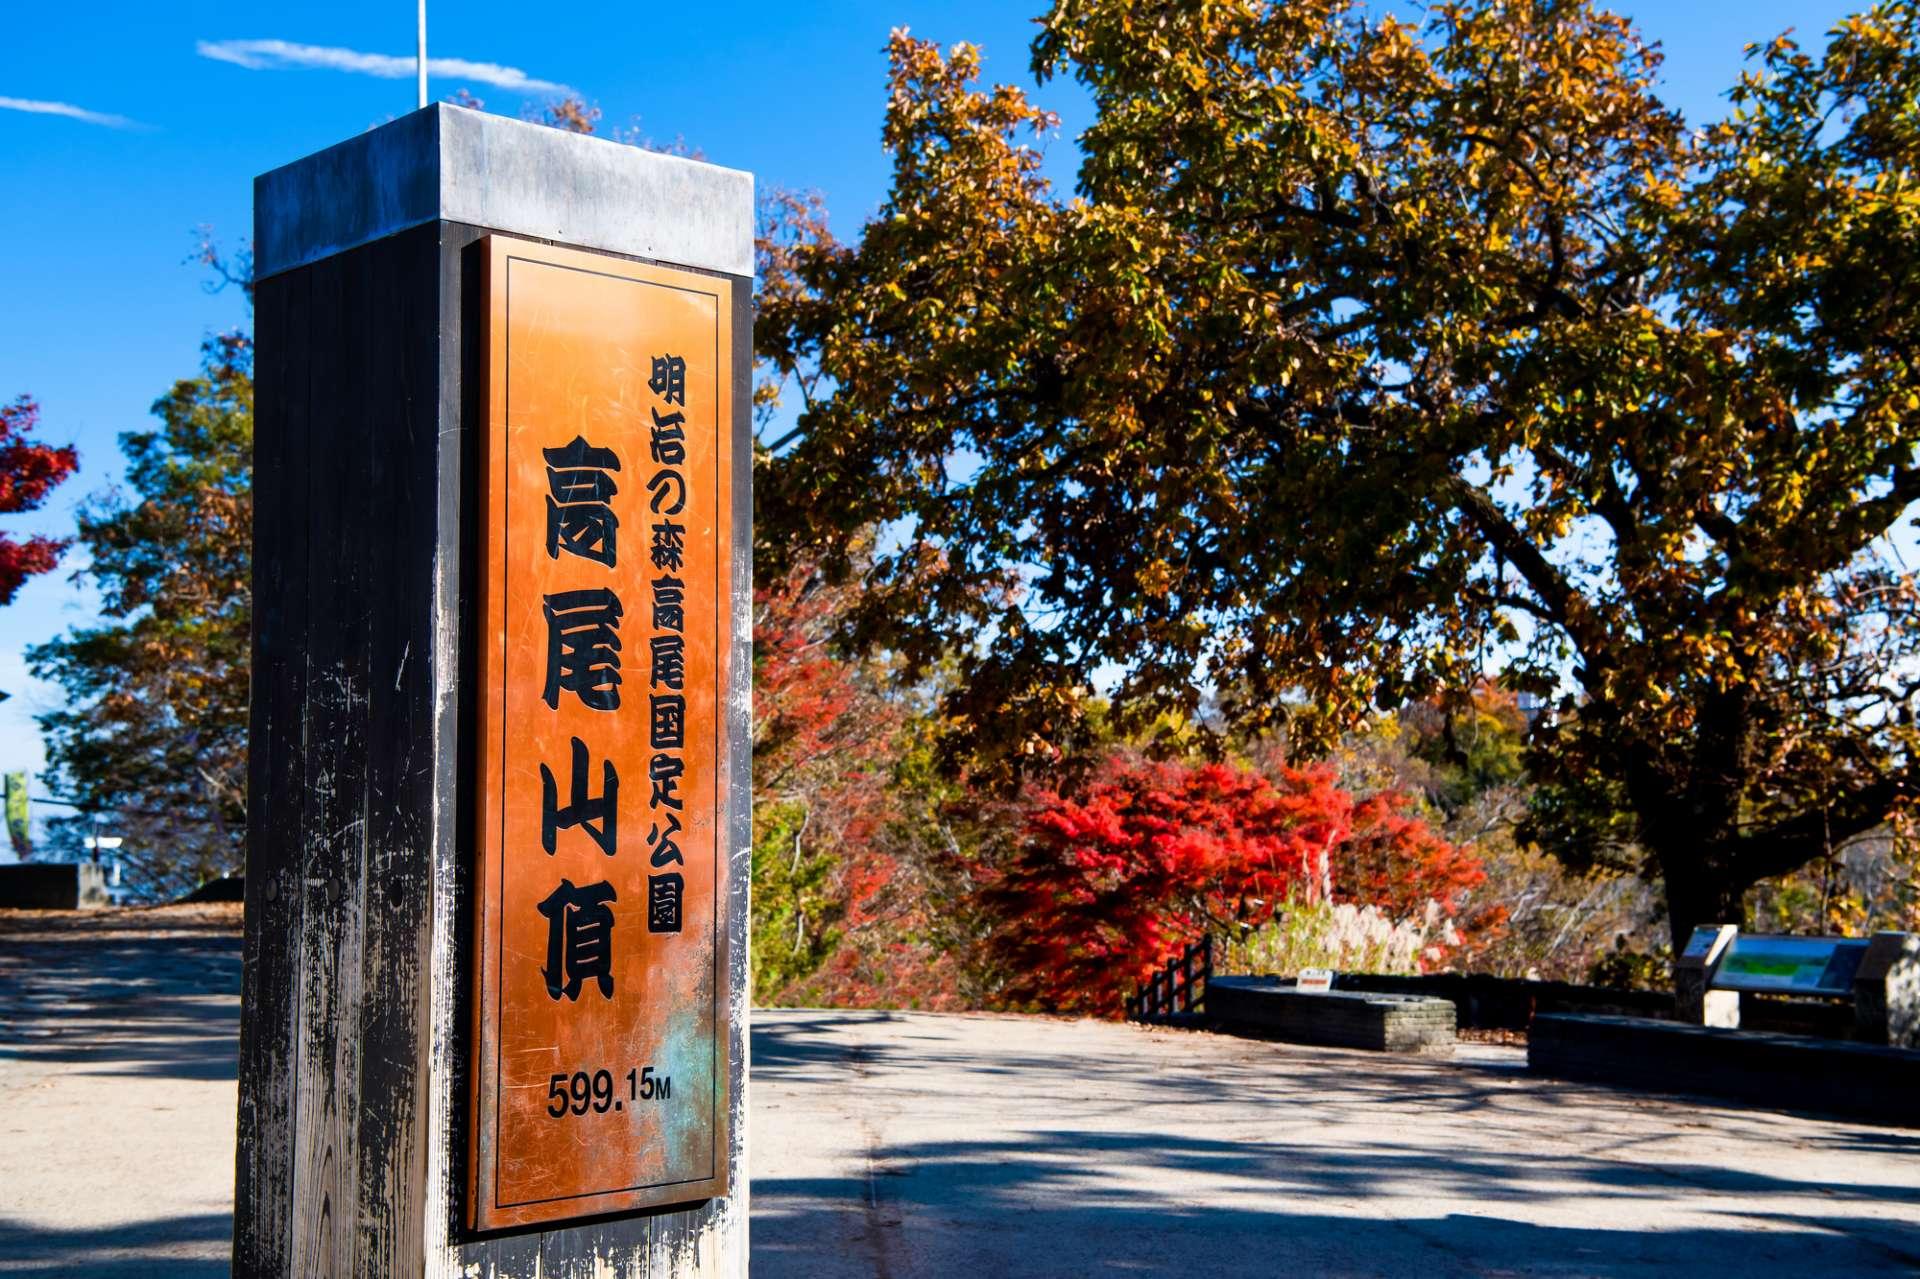 從東京都心可輕鬆地一日來回享受登山樂趣的高尾山